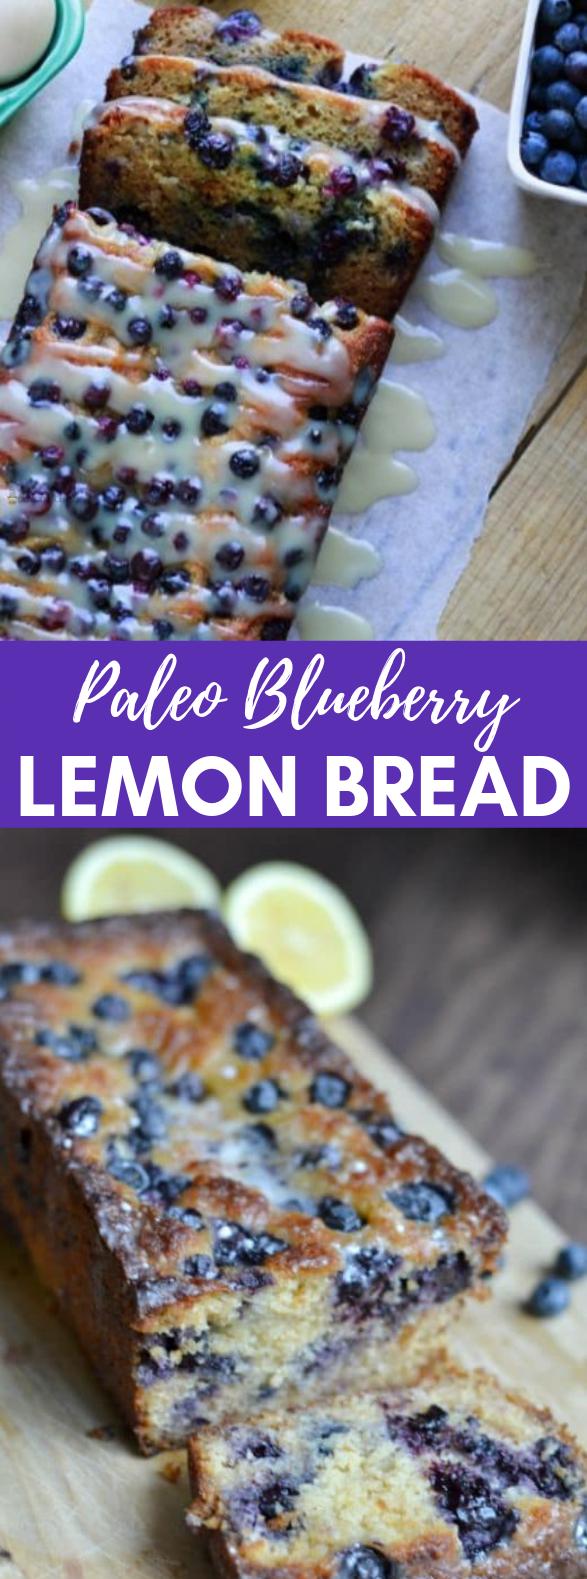 PALEO BLUEBERRY LEMON BREAD #Paleo #Lemon